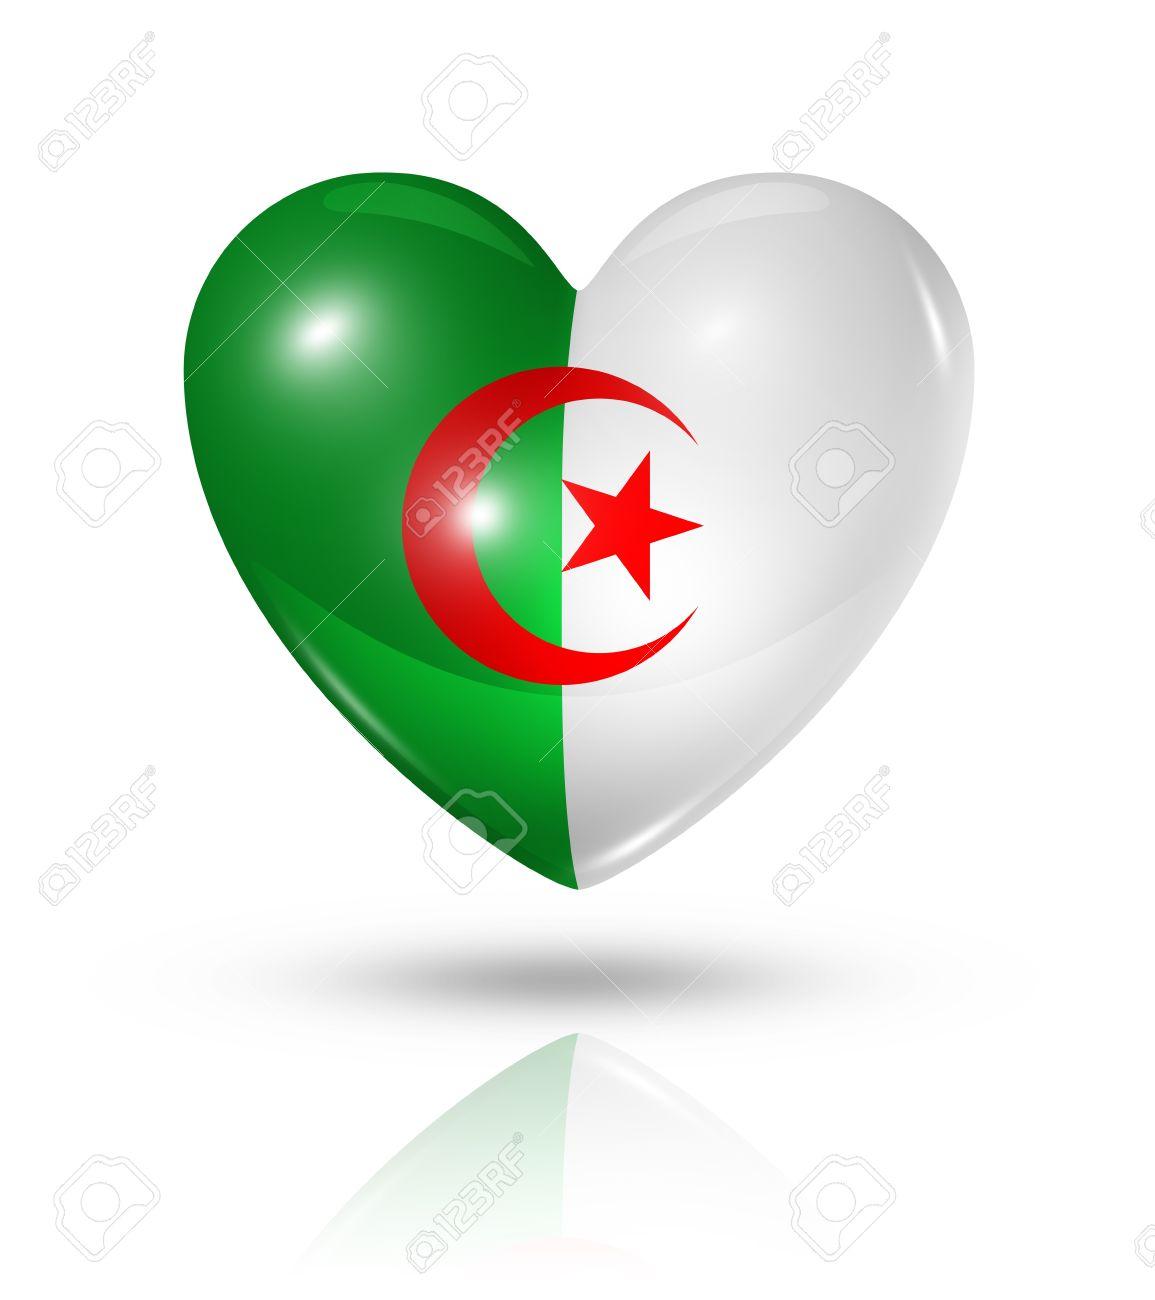 Algerie Drapeau algérie symbole drapeau de coeur 3d amour banque d'images et photos